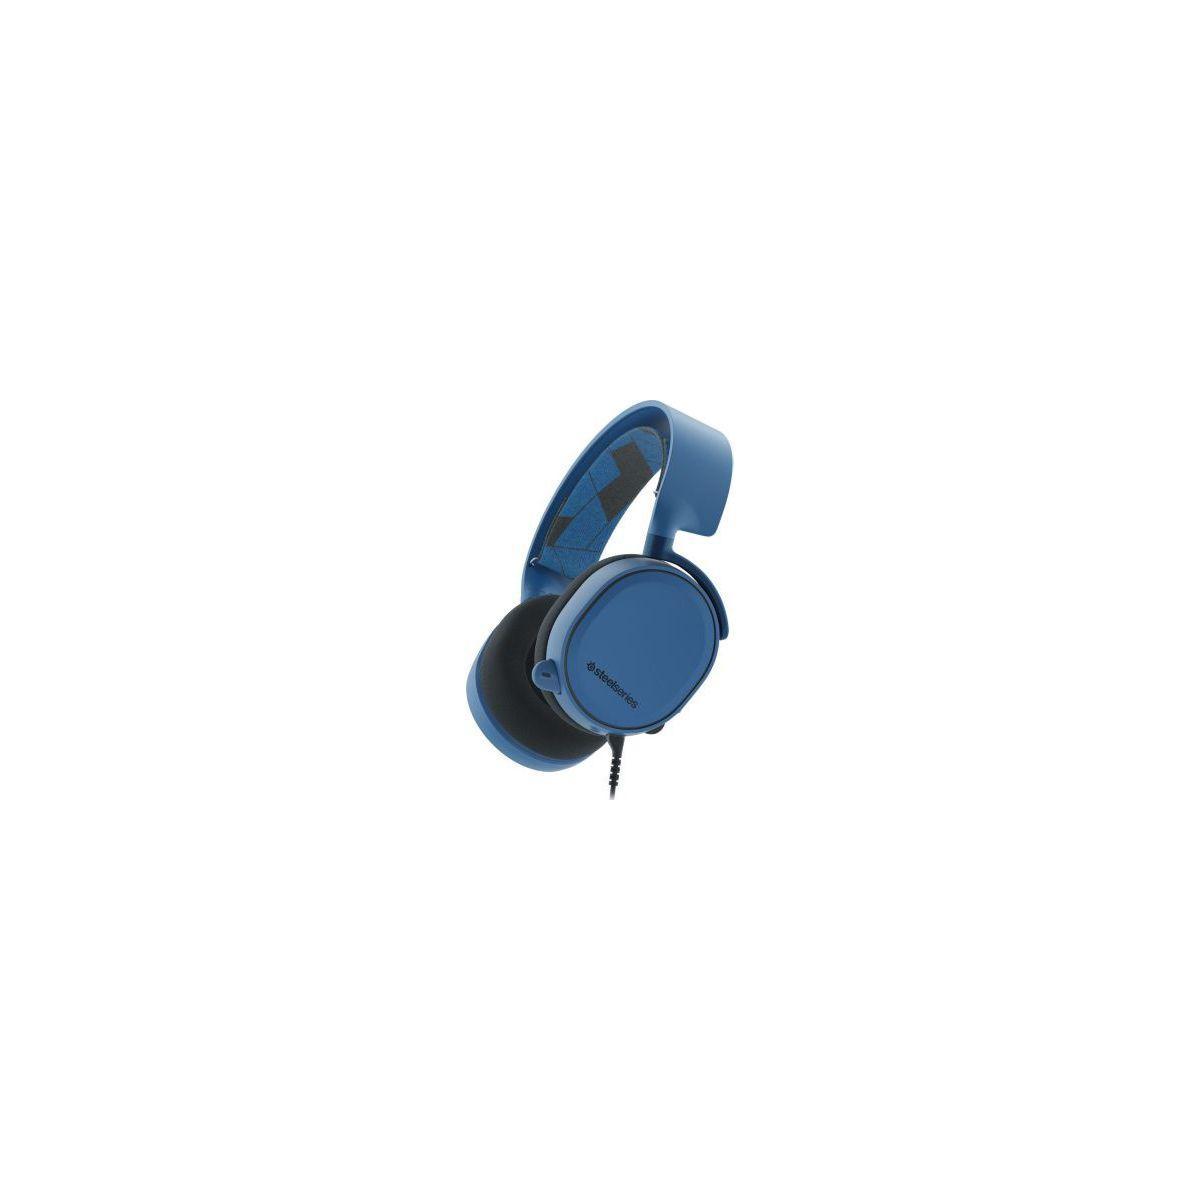 Casque gamer steelseries artic 3 solar ice bleu - livraison of...